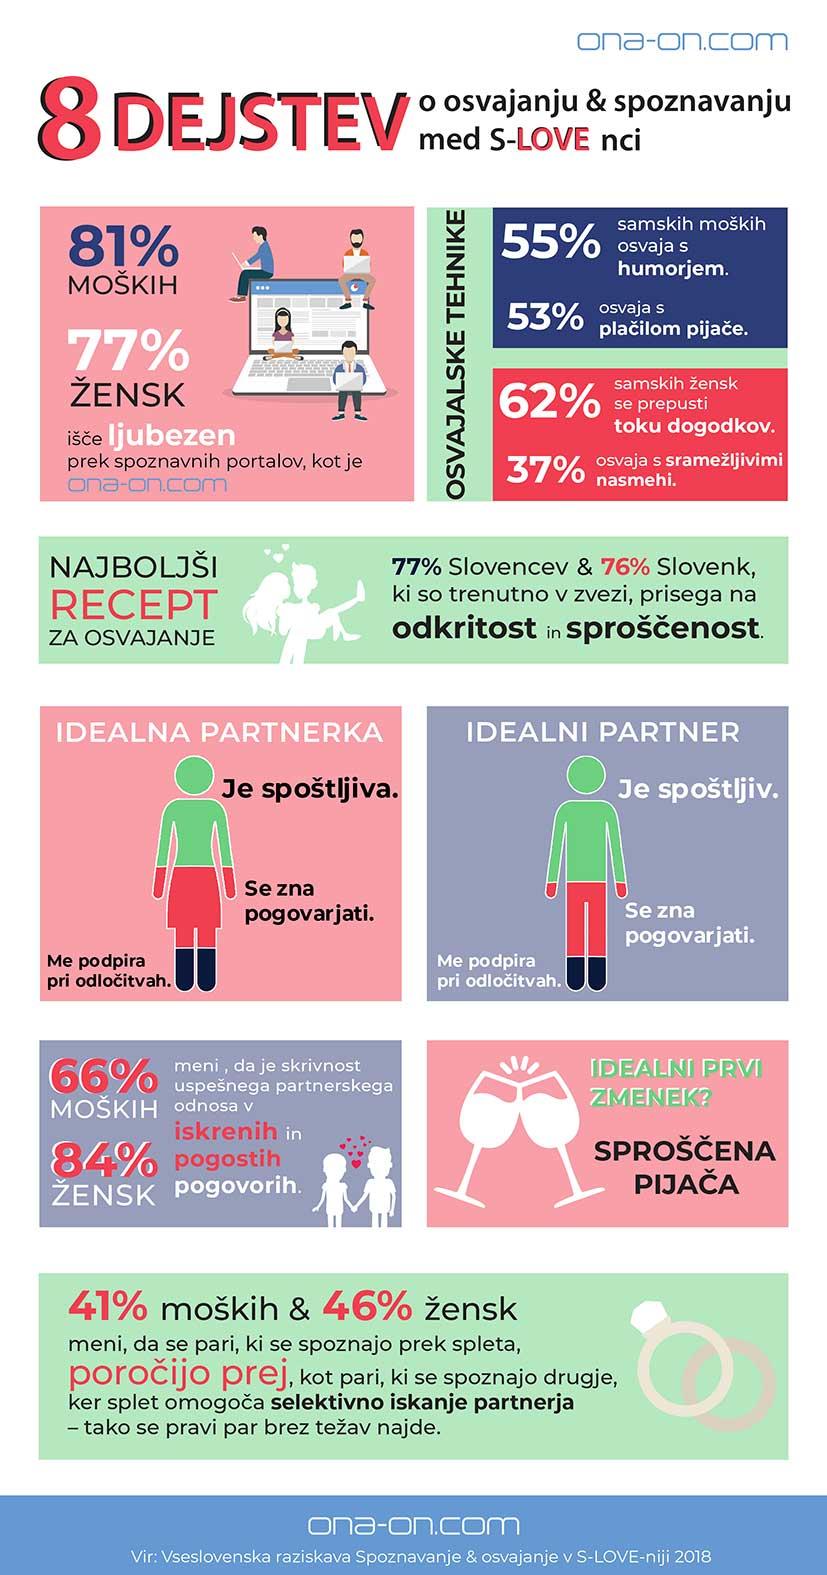 osvajanje-spoznavanje-slovenci-anketa-ona-on